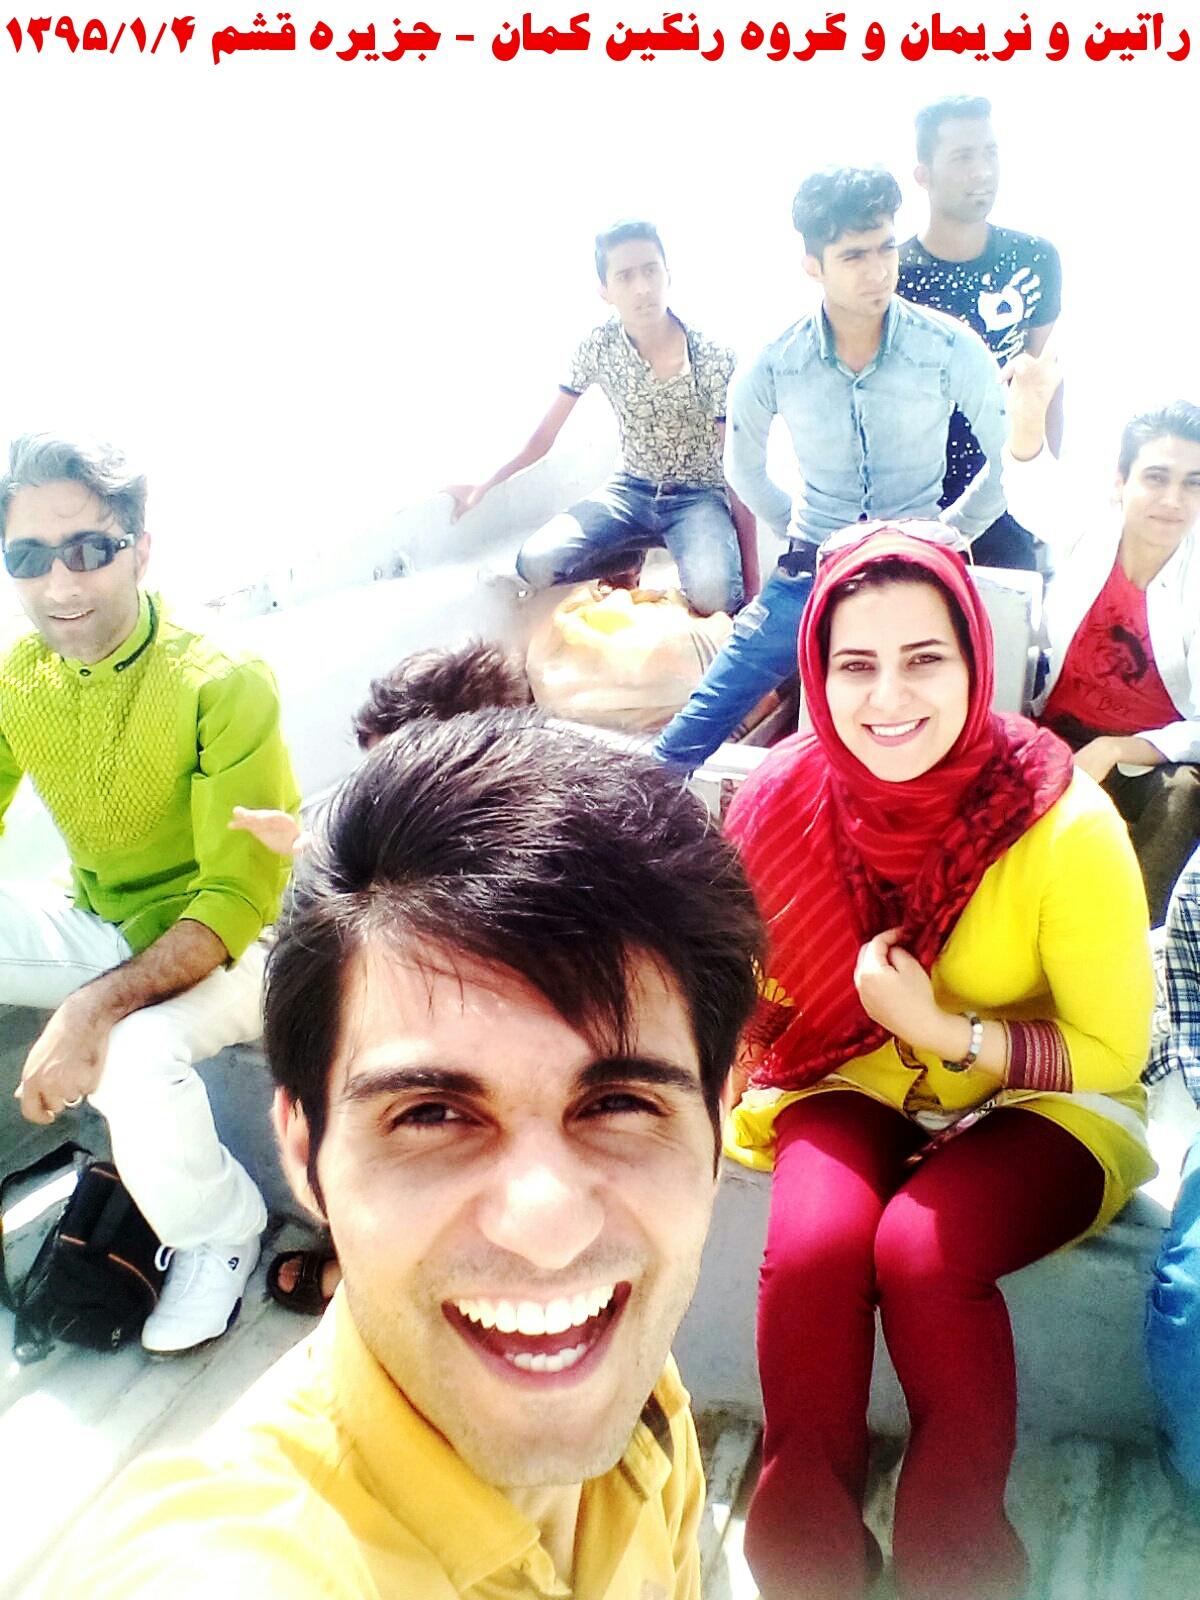 راتین و نریمان و گروه رنگین کمان در آبهای خلیج پارس